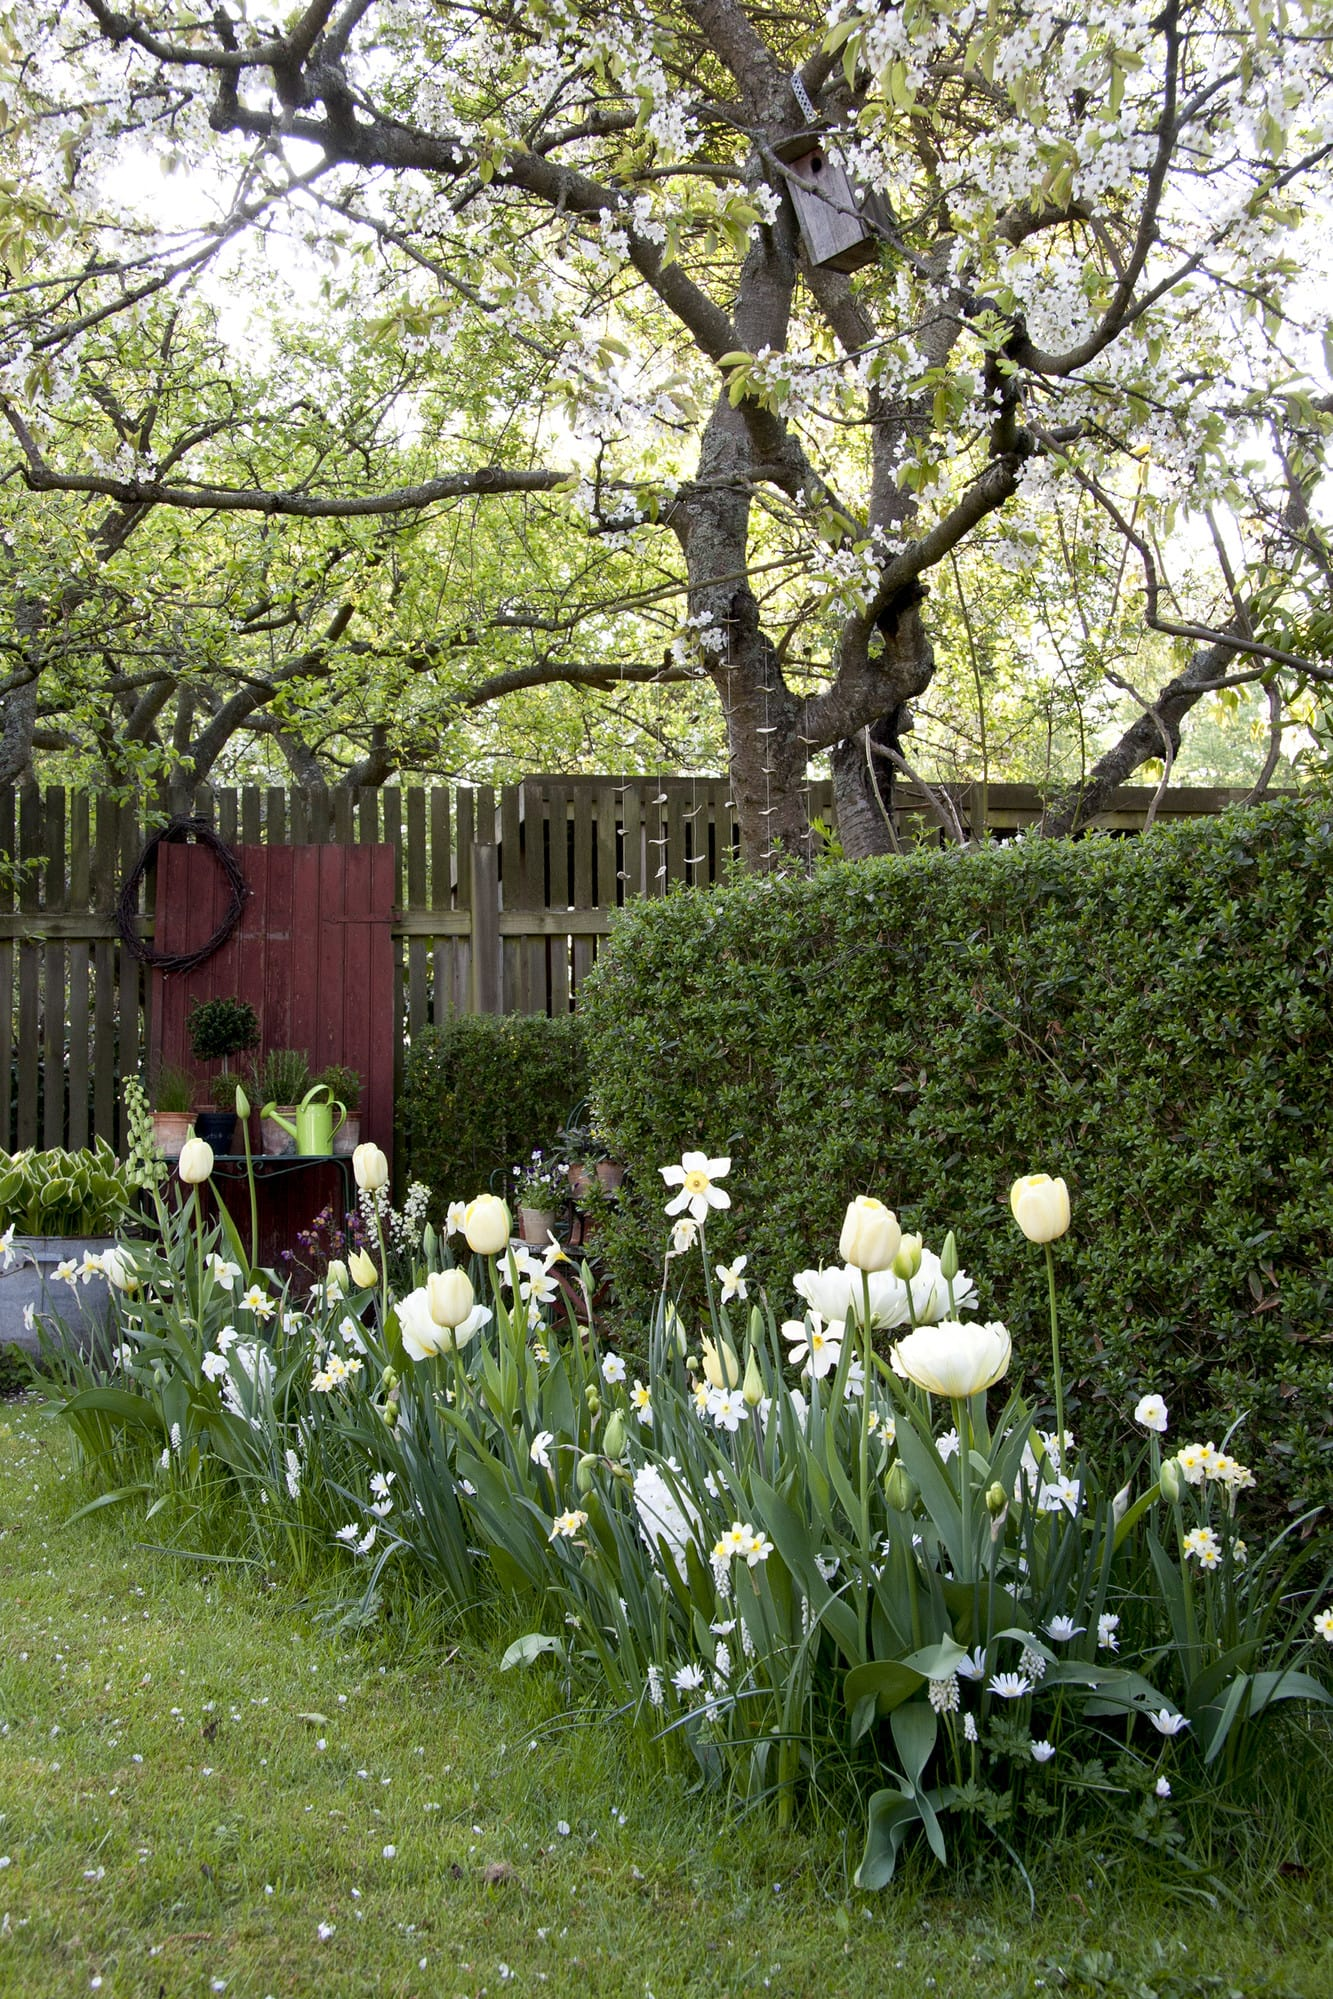 I maj når ängen sin höjdpunkt. Då blommar fortfarande en hel del av smålökarna samtidigt som narcisser och tulpaner slår ut. I myllret skymtar även hyacinter, kungsängsliljor, balkansippor och pärlhyacinter.